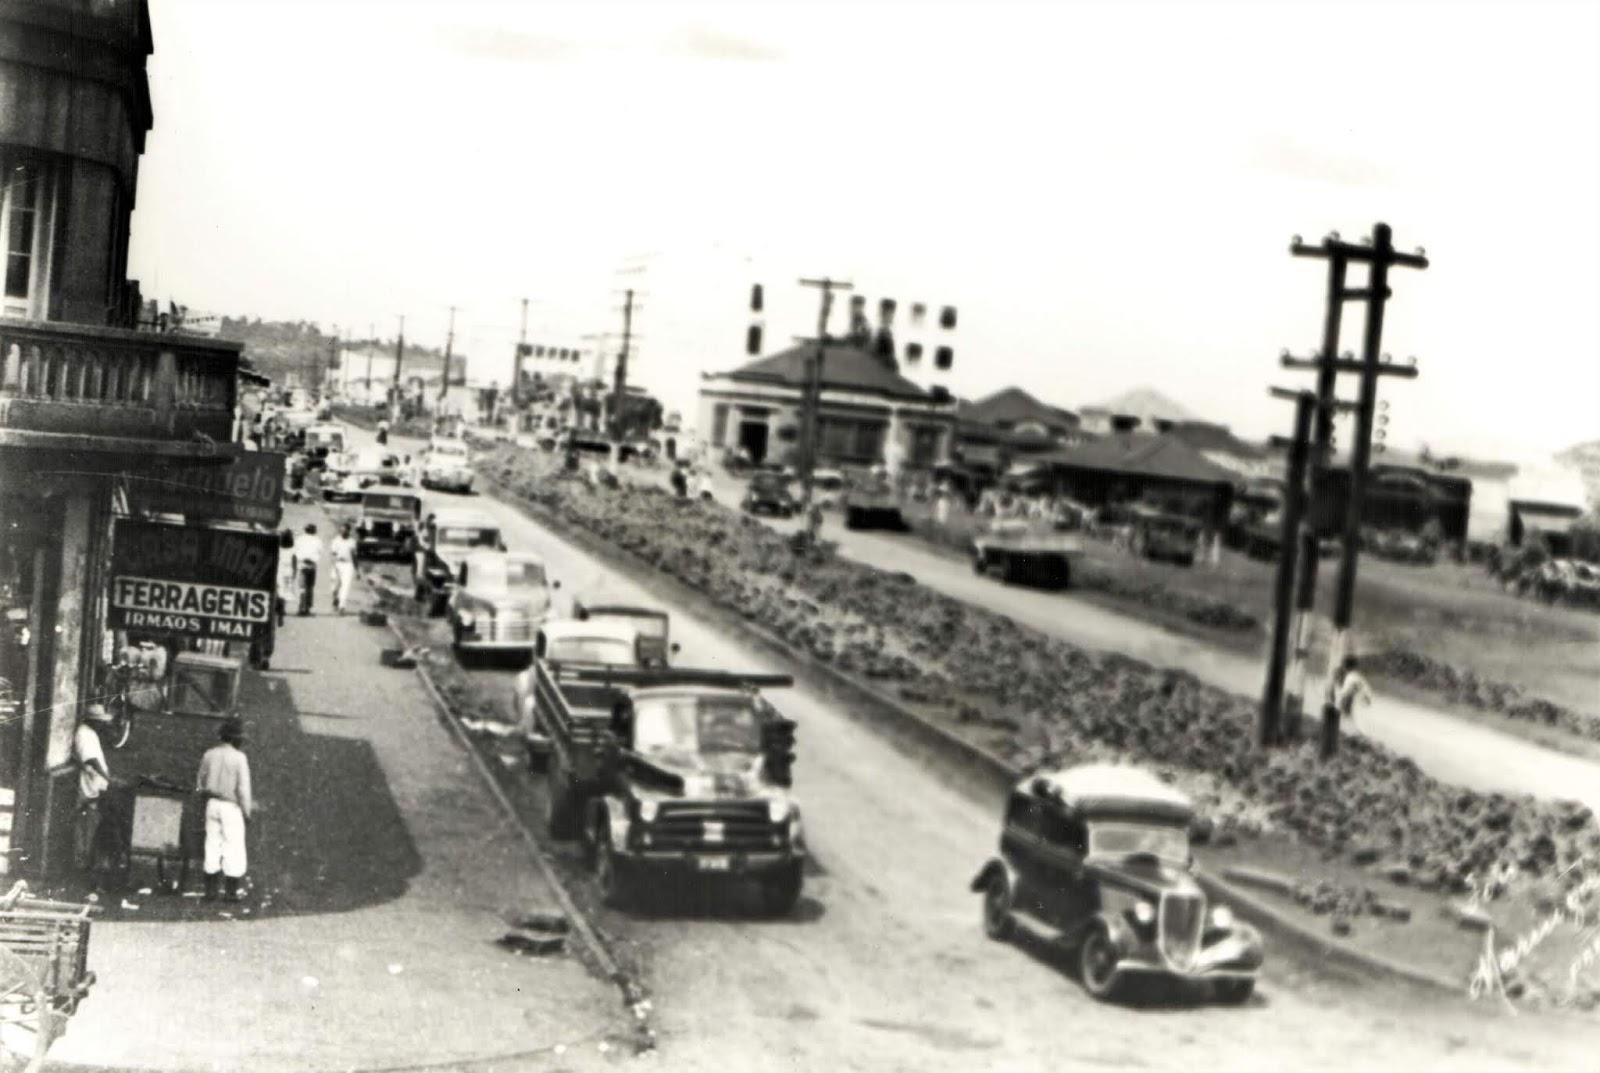 Avenida Brasil esquina com a rua General Câmara - Década de 1950